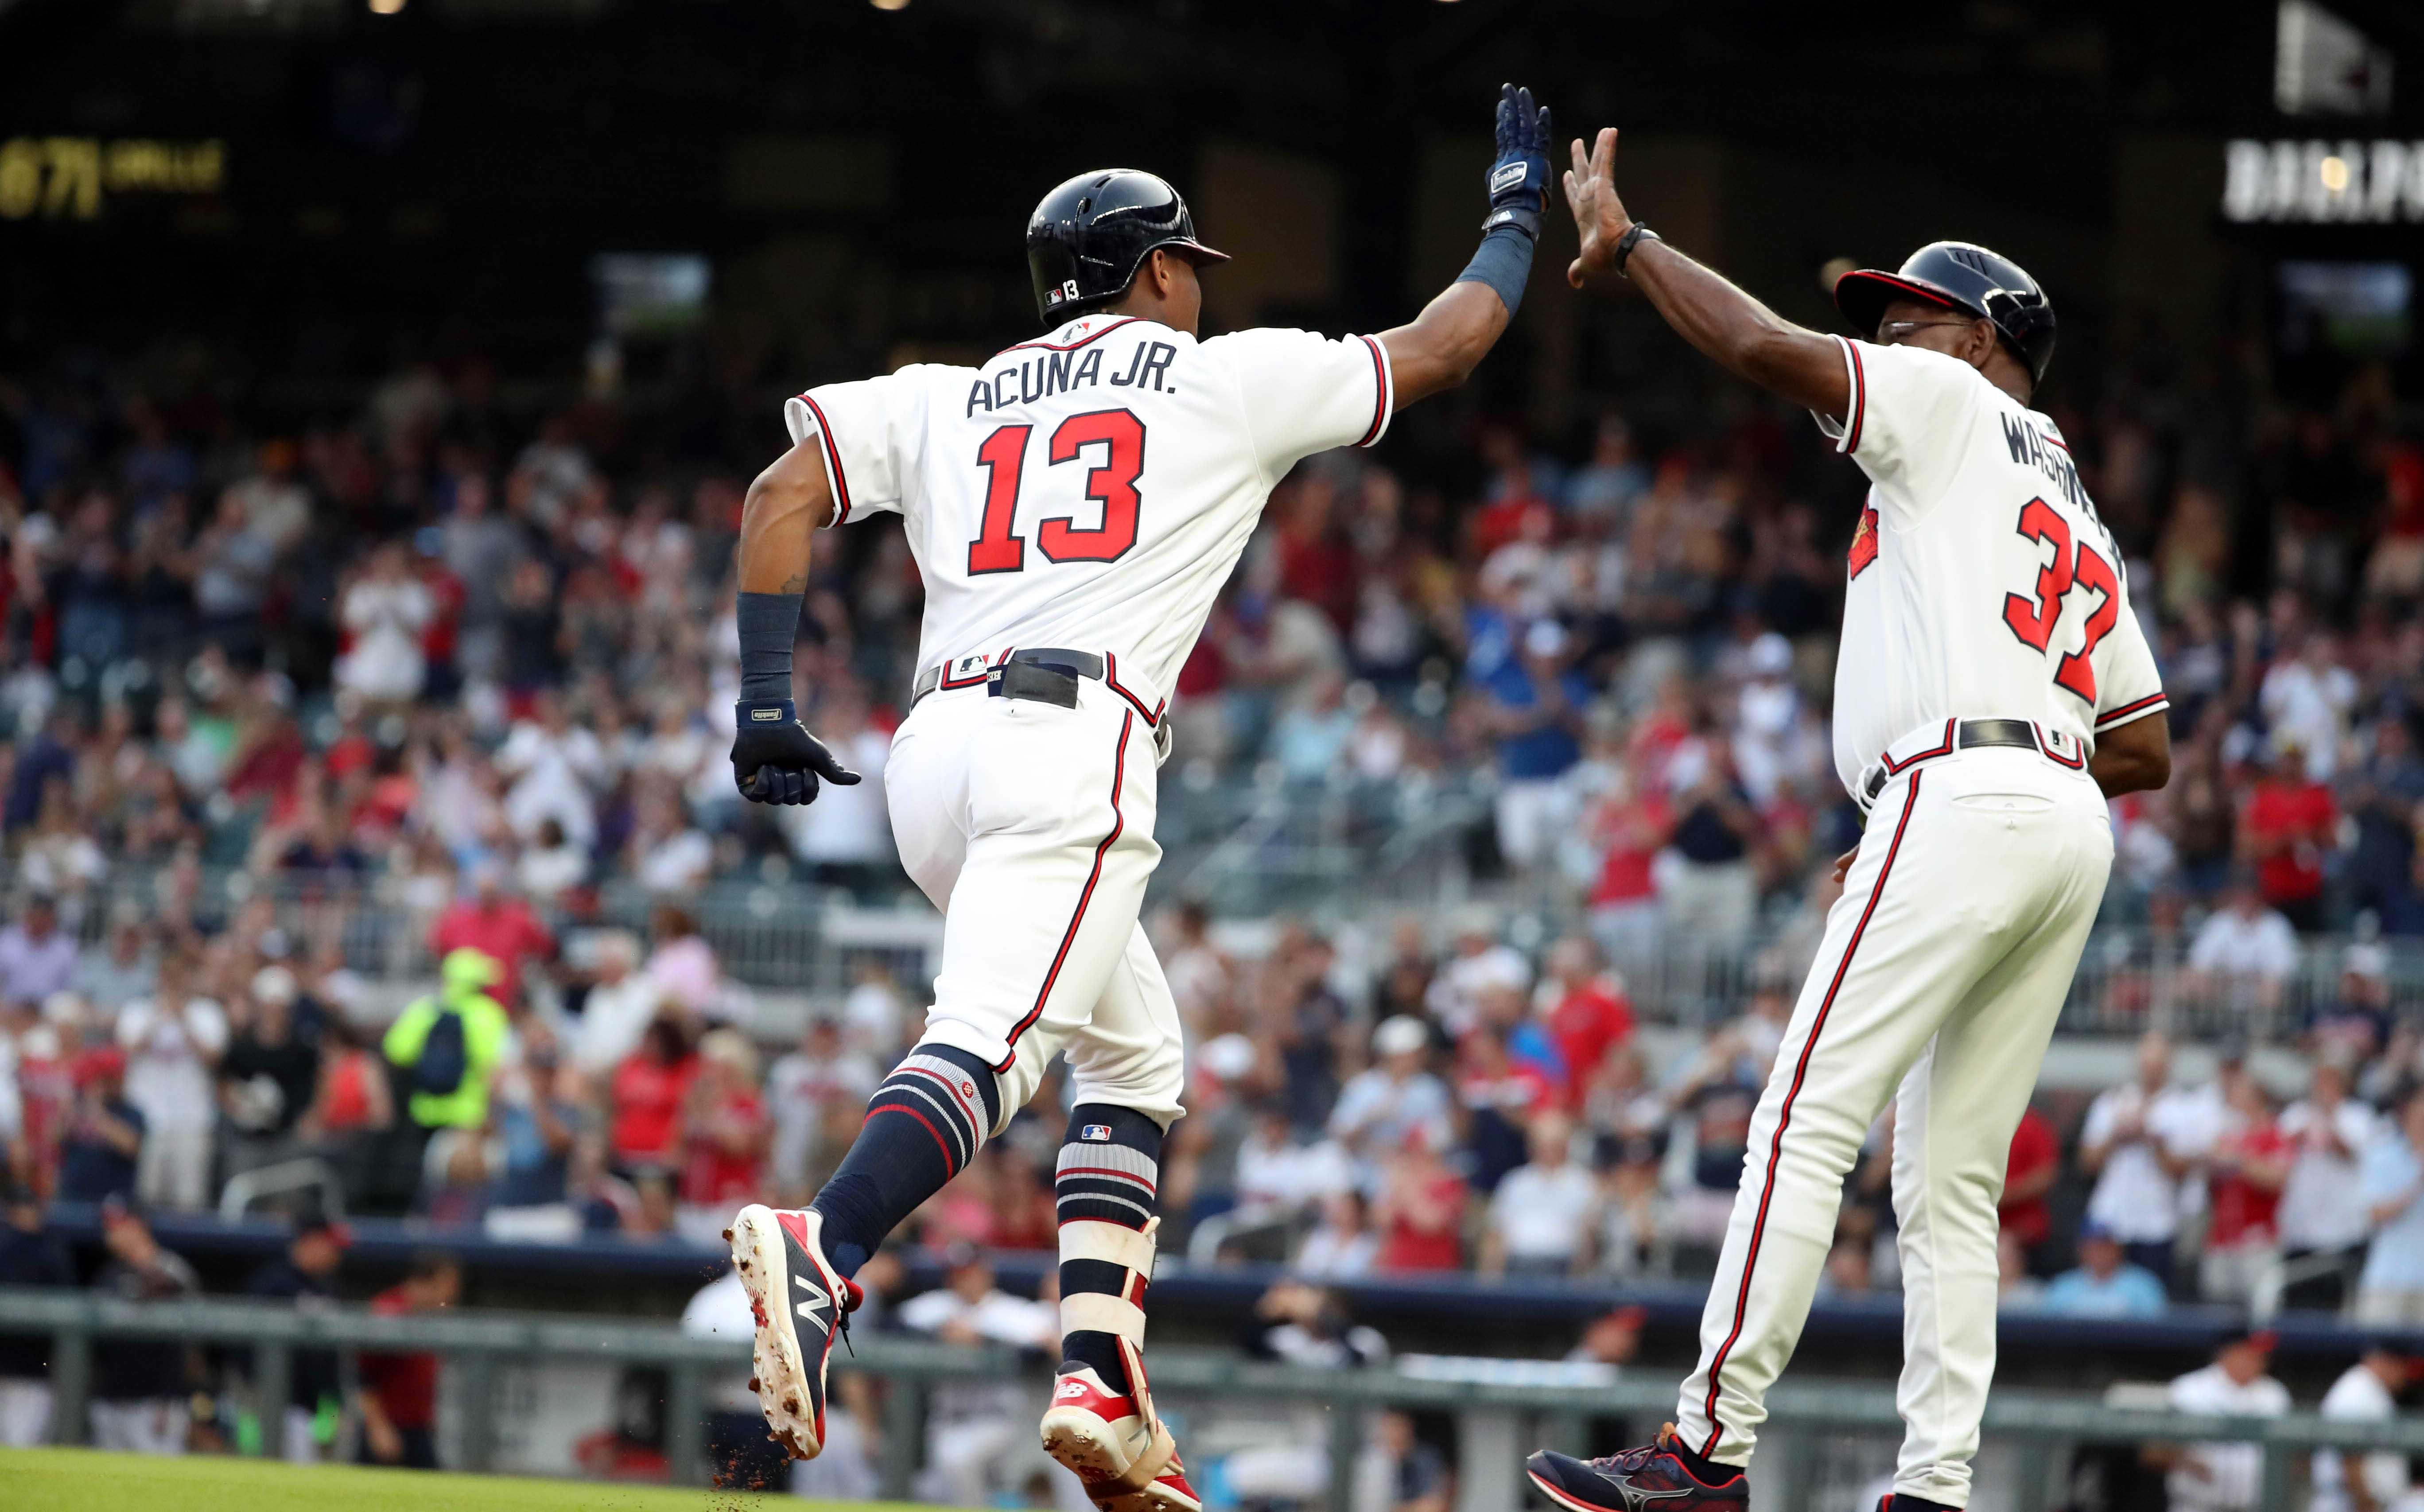 MLB: Game Two-Miami Marlins at Atlanta Braves